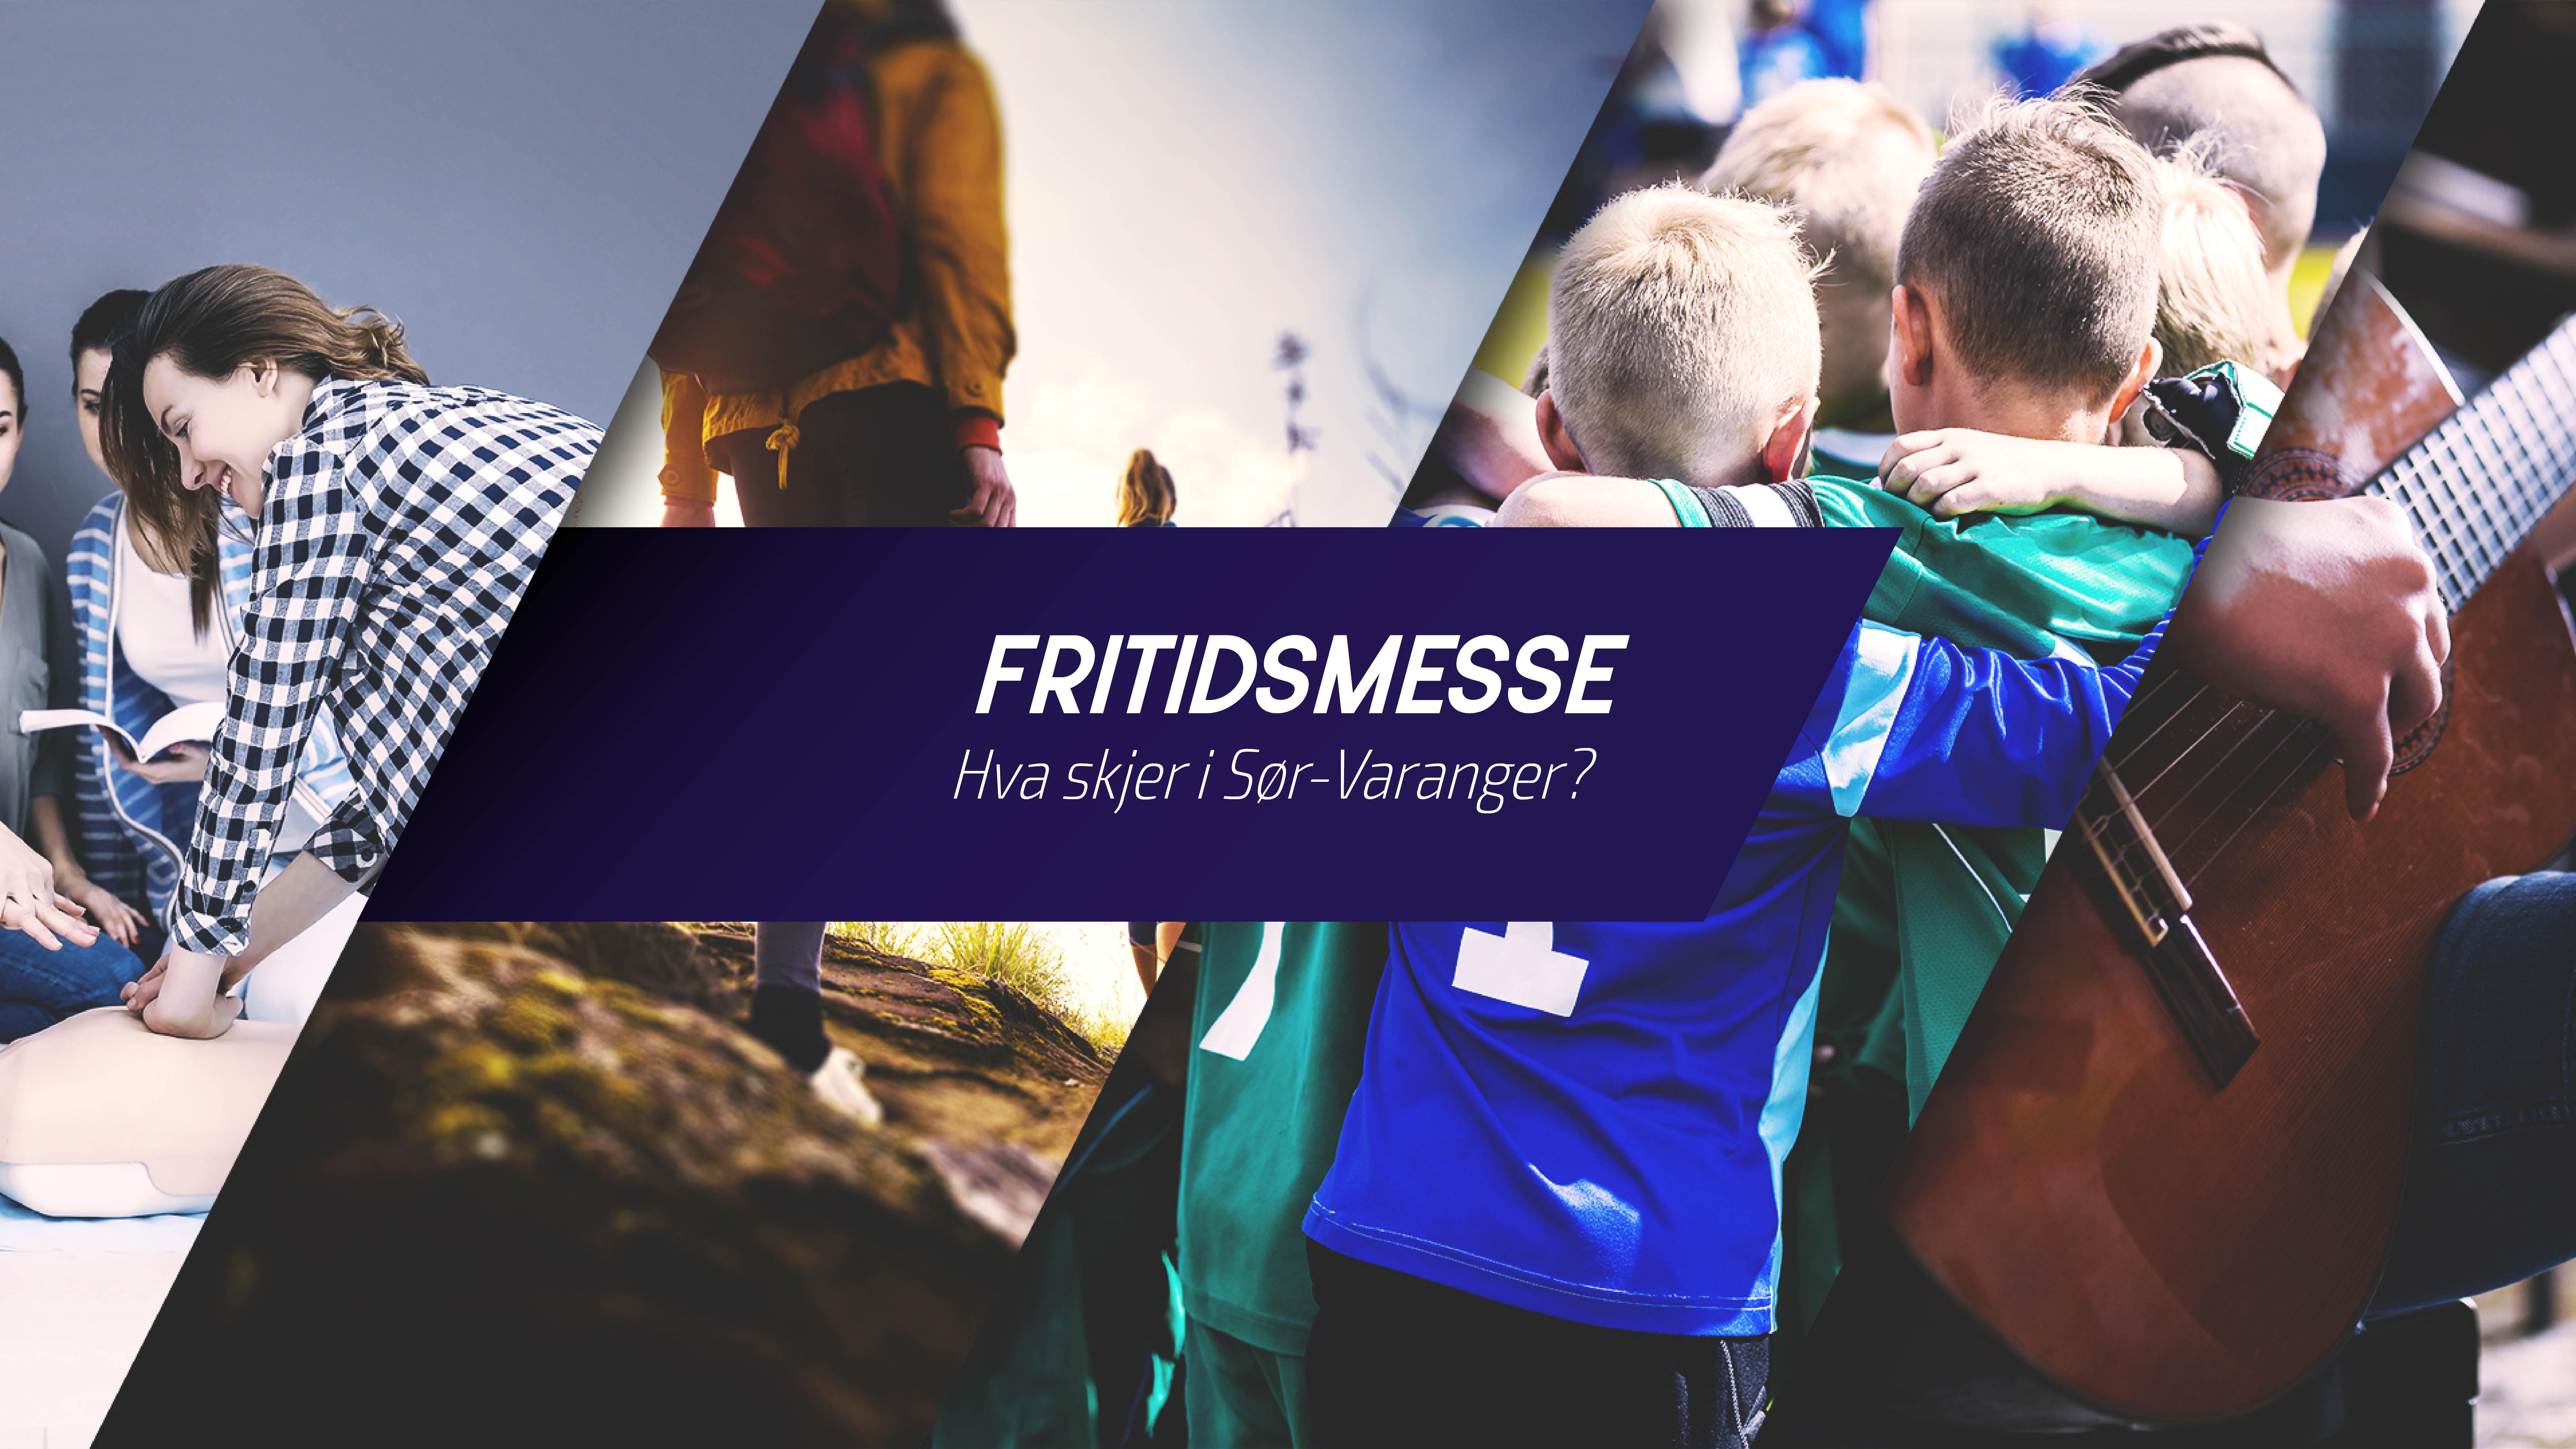 Fritidsmesse – hva skjer i Sør-Varanger?